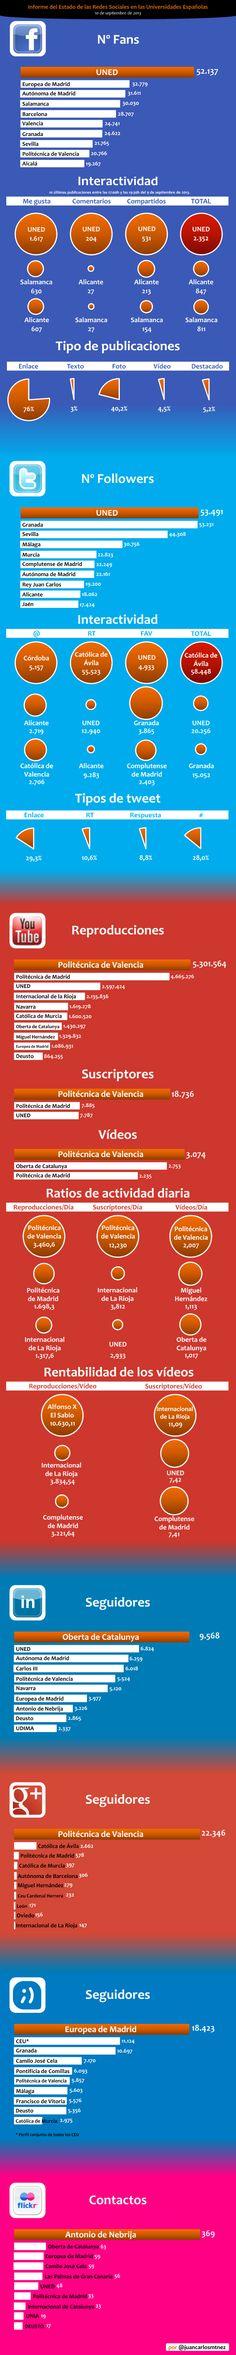 [infografia] [infographic] Informe del Estado de las Redes Sociales en las Universidades Españolas (I) by @Juan Carlos Martínez Gallardo